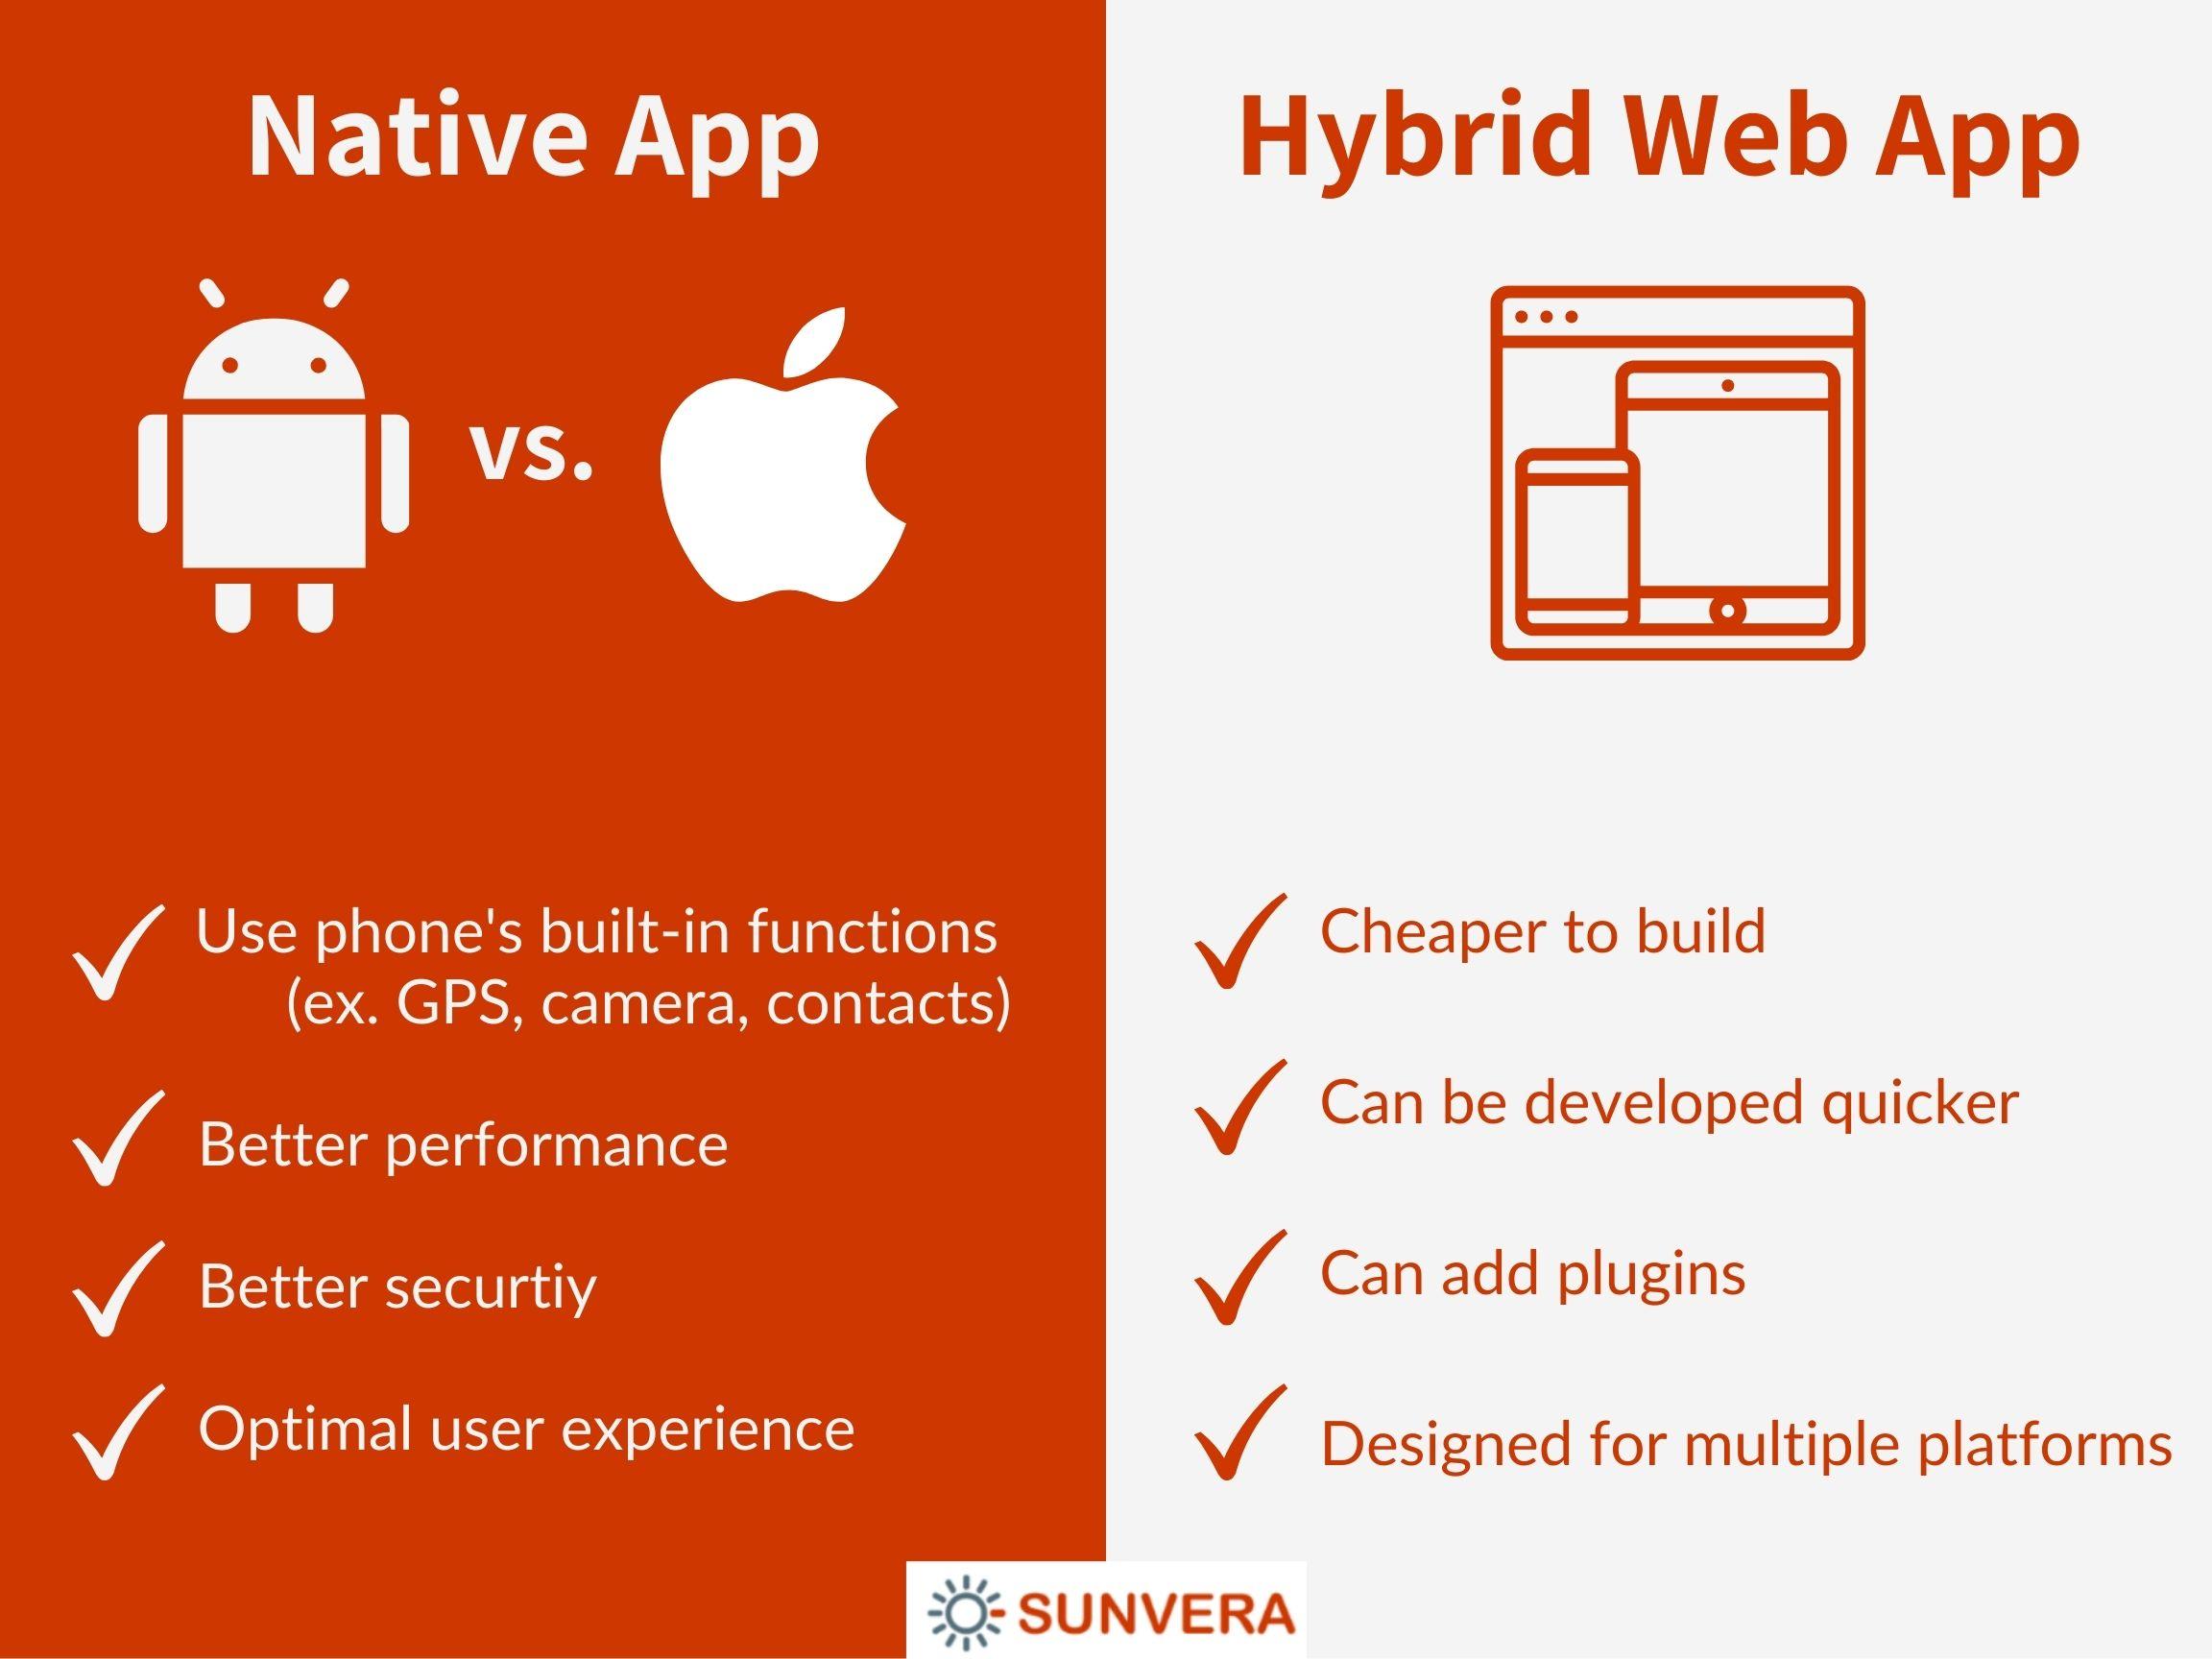 Native app vs Hybrid web app